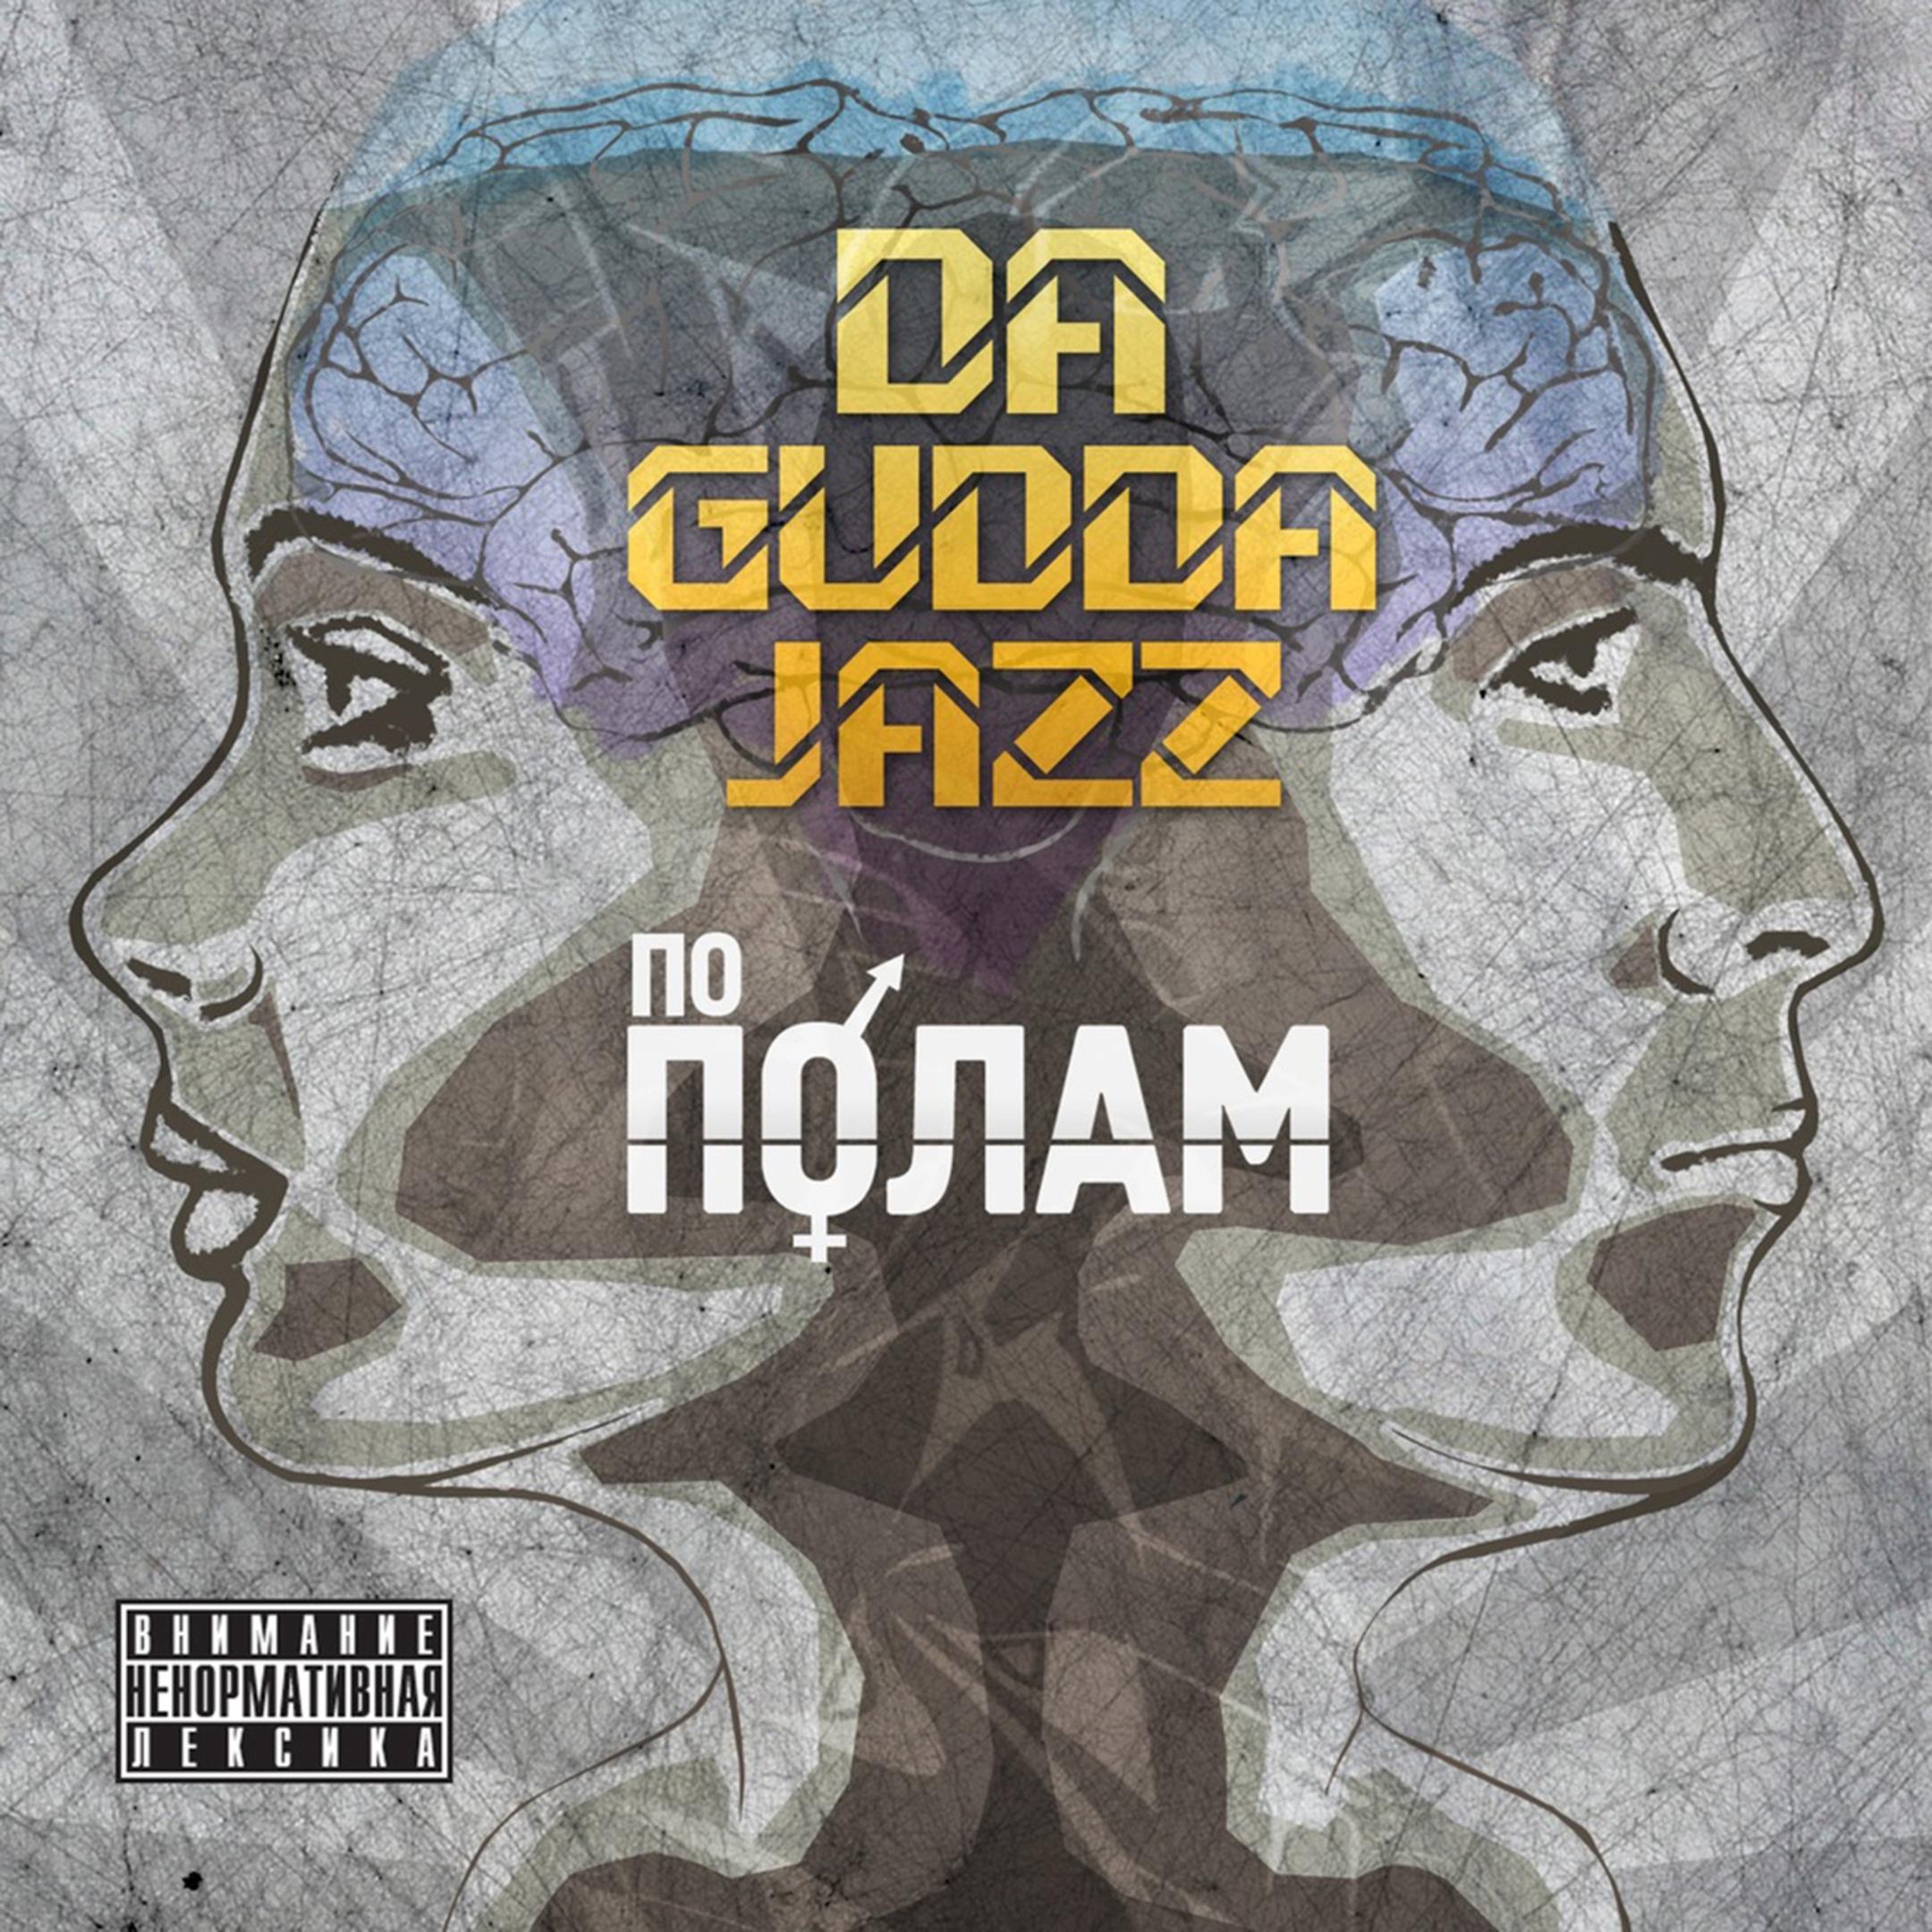 Da Gudda Jazz album По полам